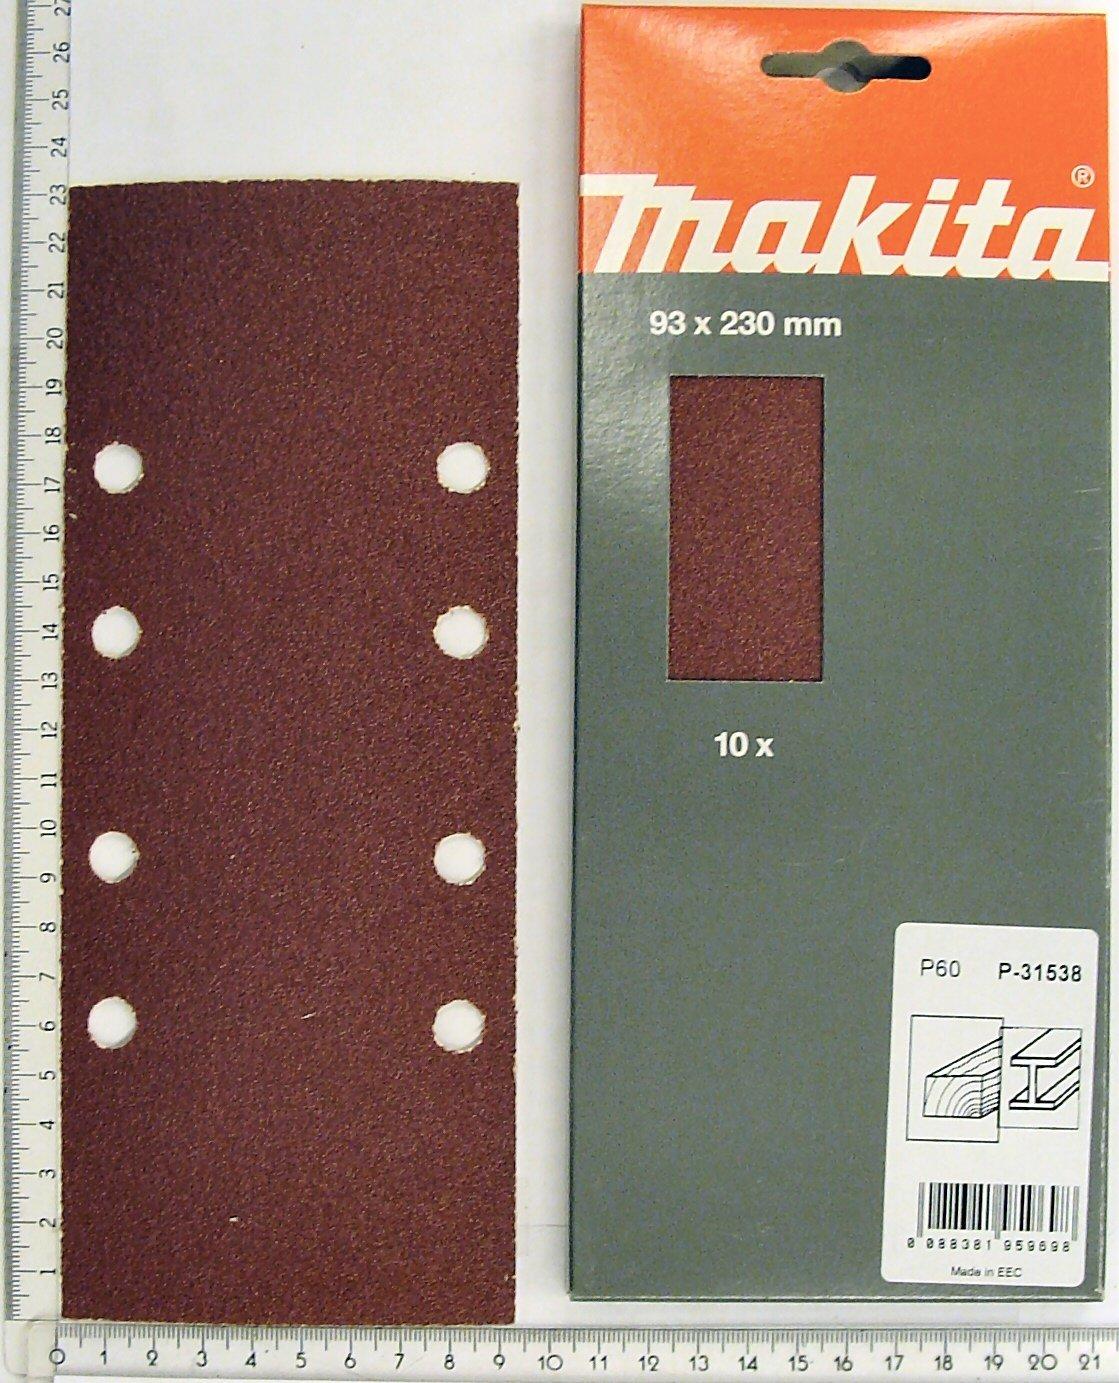 grano, P-36061 0 wattsW, 0 voltsV Makita tira abrasiva